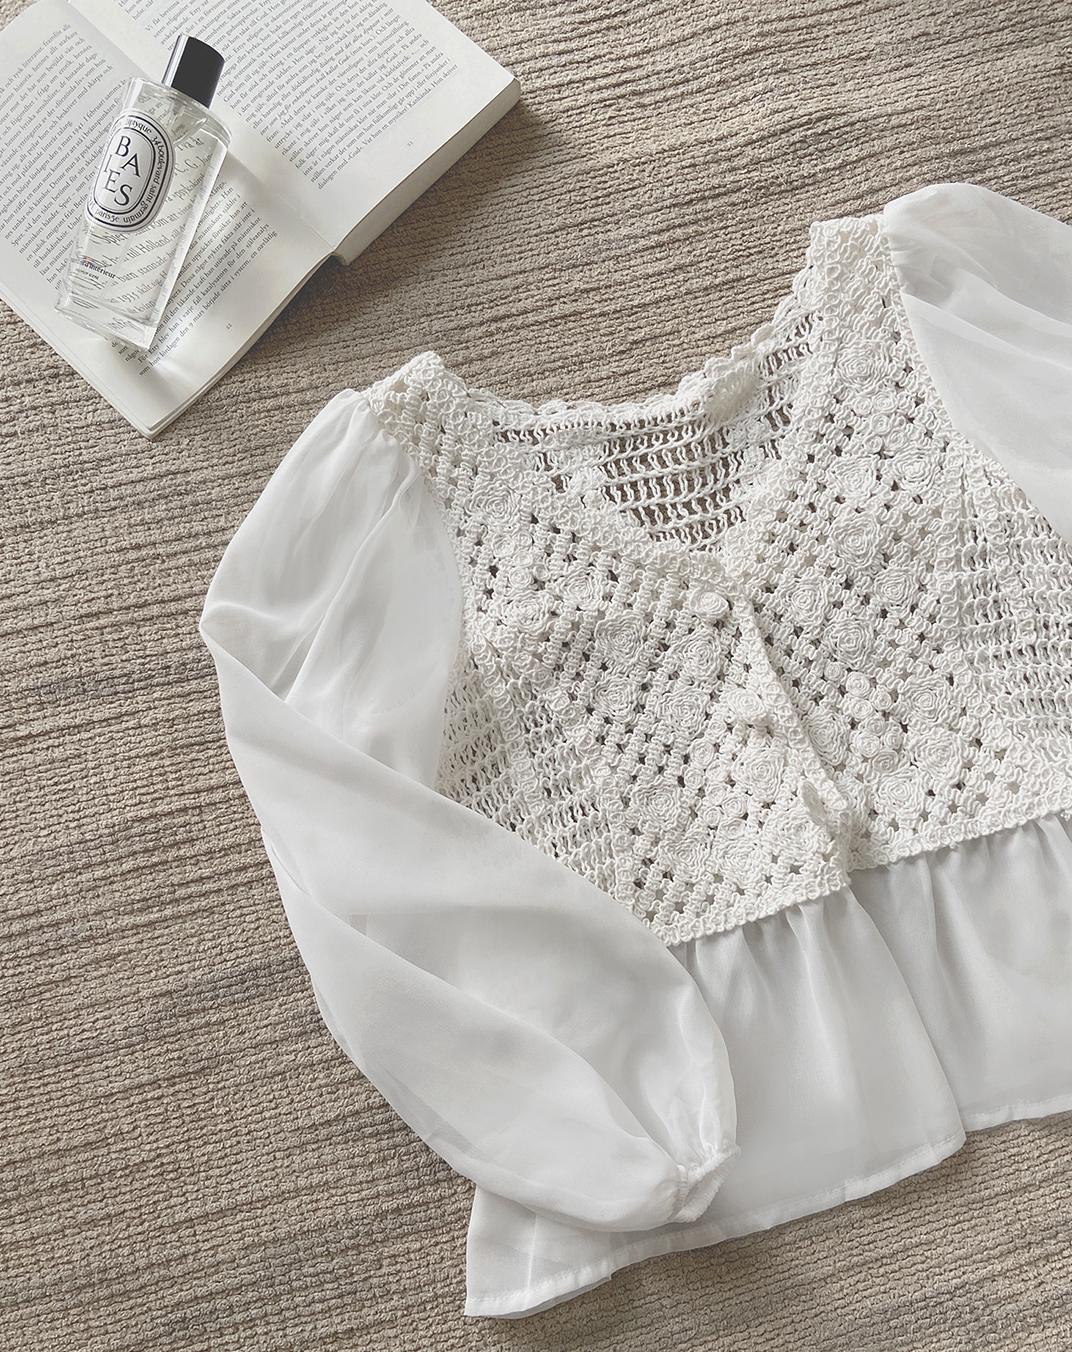 韓国 ファッション トップス ブラウス シャツ 春 夏 カジュアル PTXJ753  透かし編みニット シアー ドッキング ペプラム オルチャン シンプル 定番 セレカジの写真6枚目